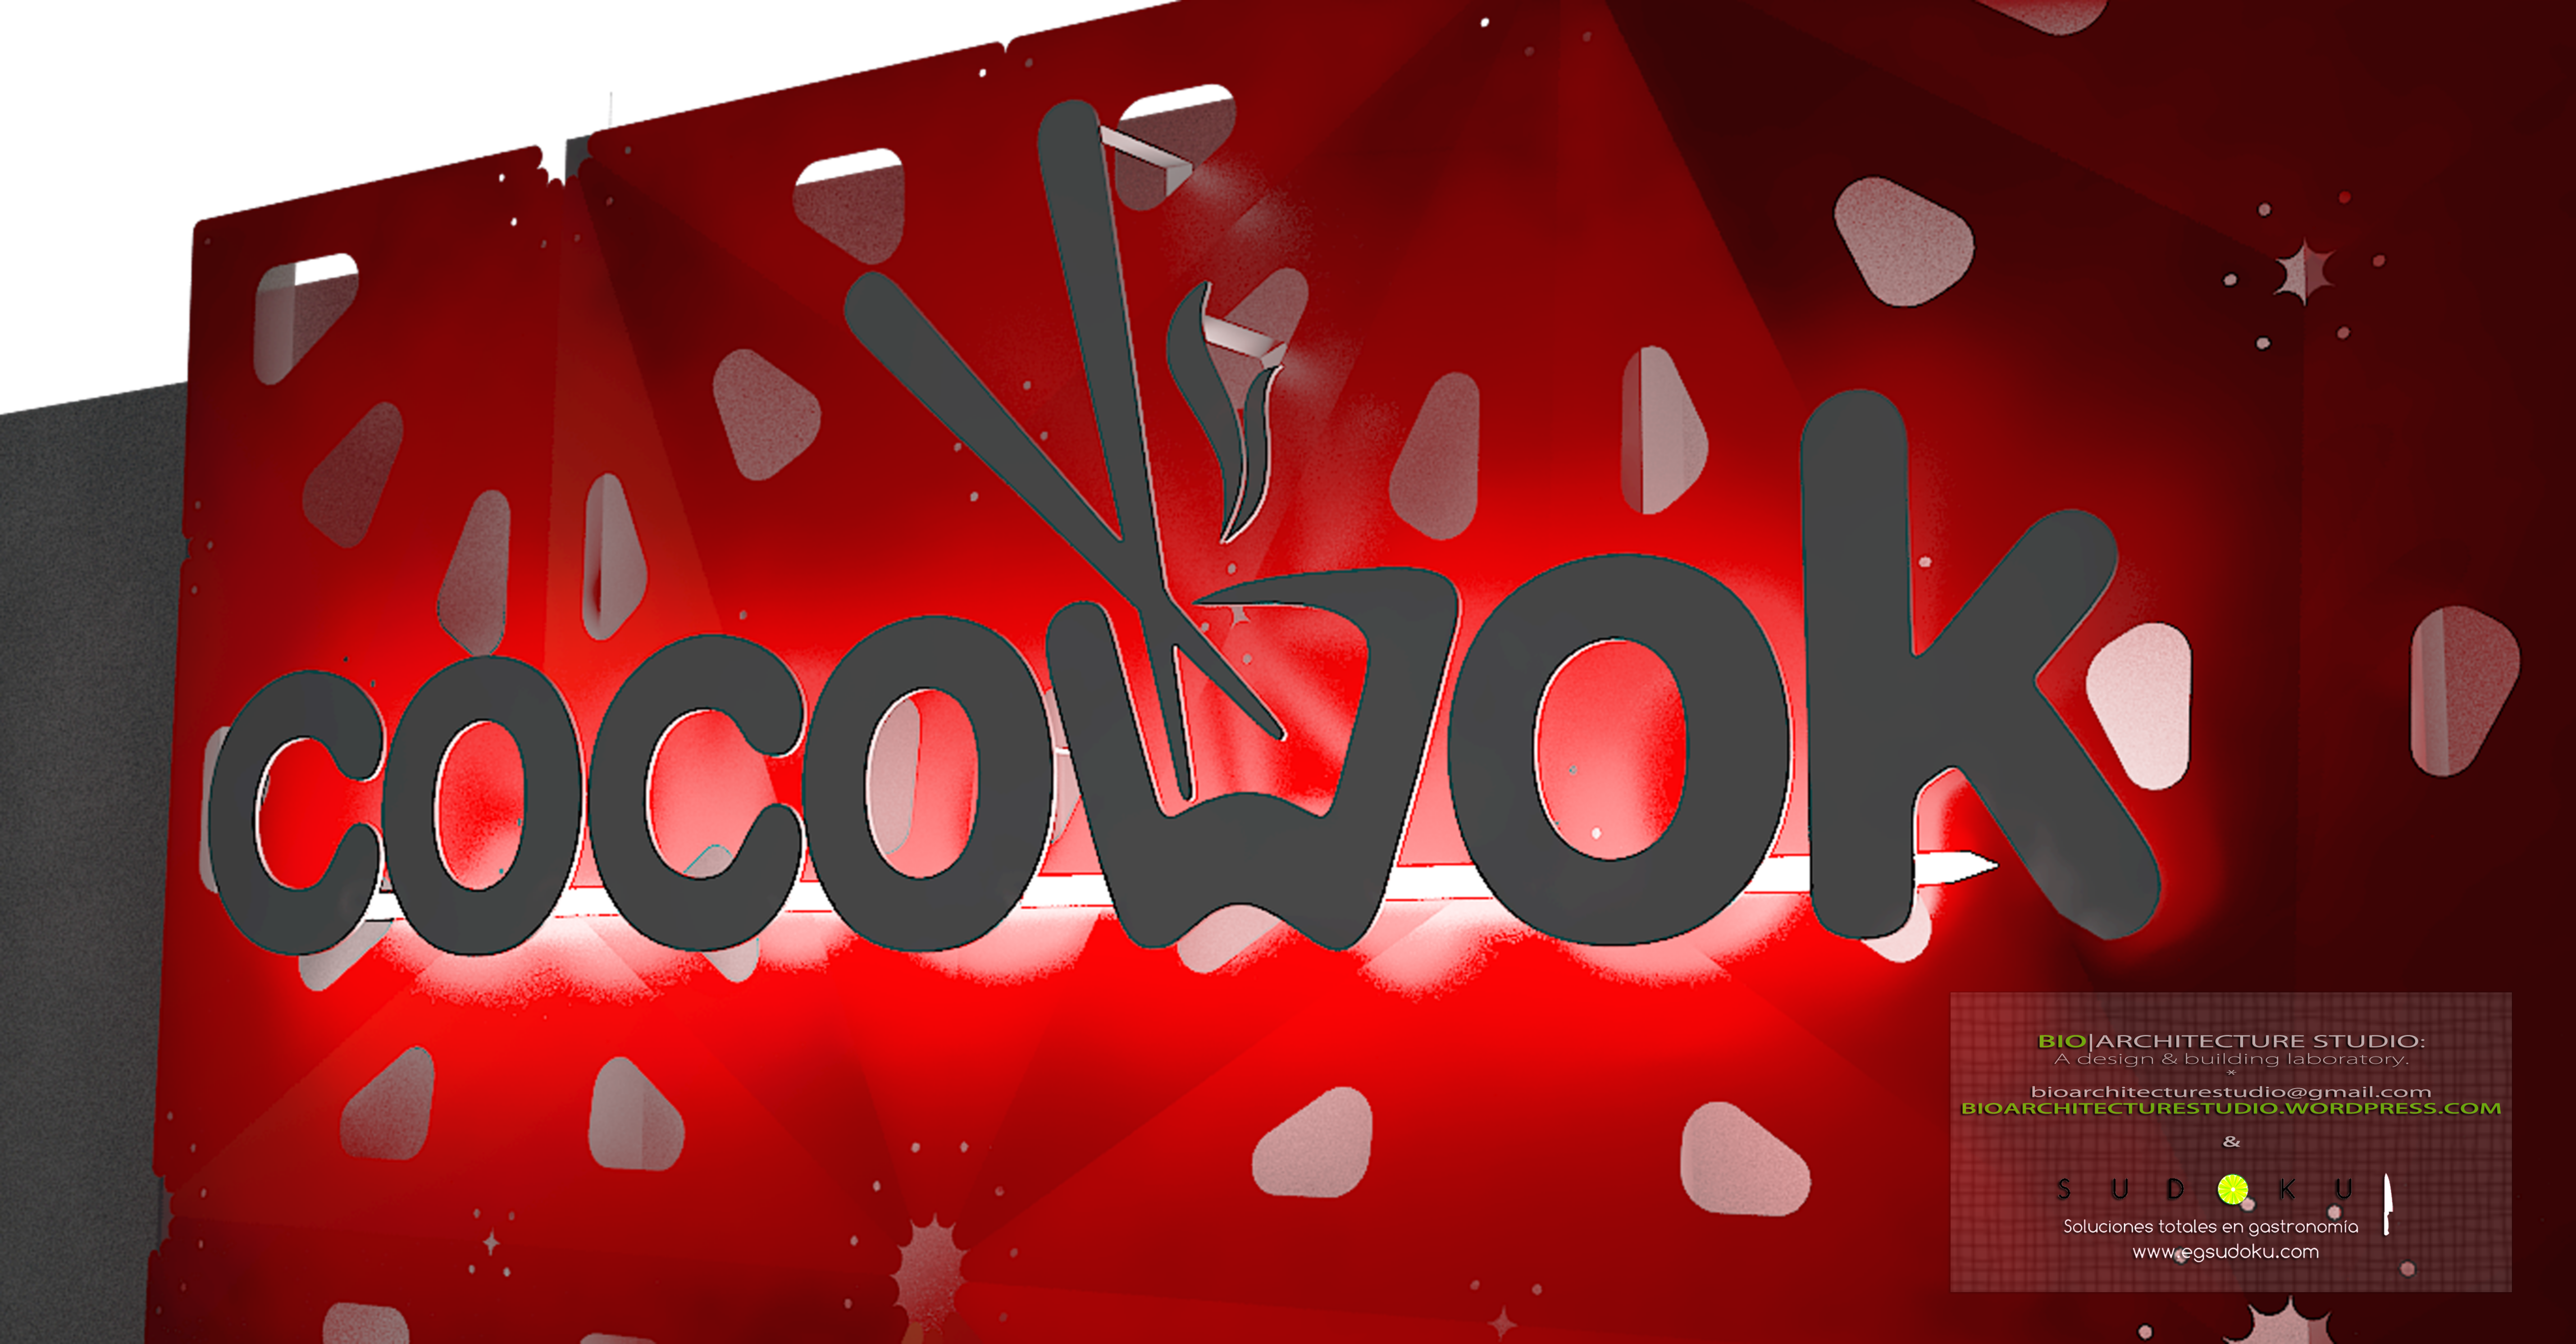 Cocowok_BIOARCHSTD1